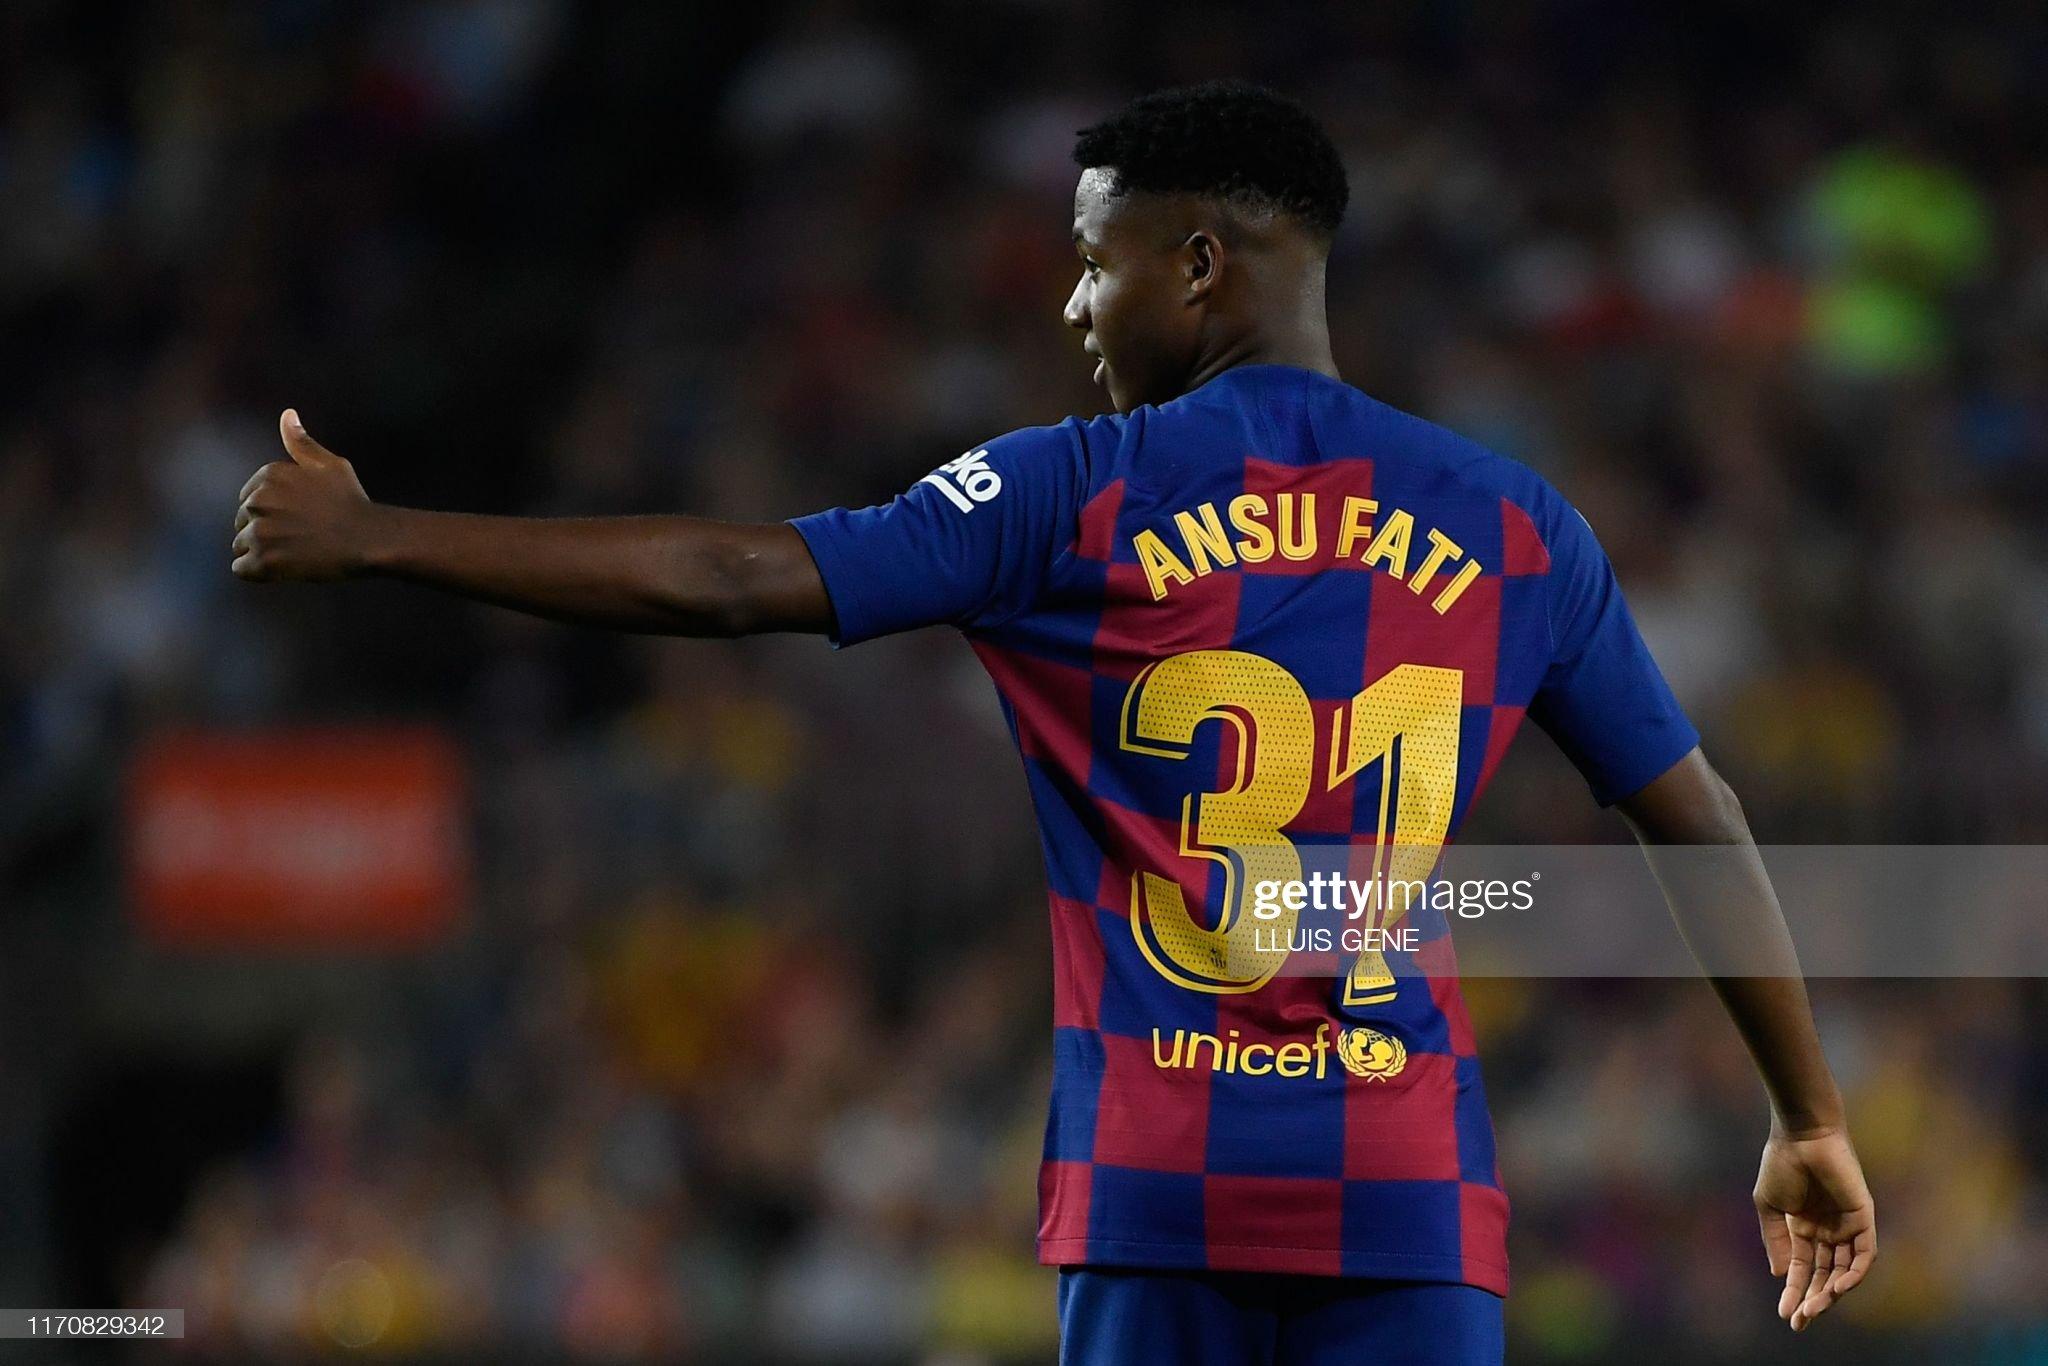 صور مباراة : برشلونة - فياريال 2-1 ( 24-09-2019 )  Barcelonas-guineabissau-forward-ansu-fati-gestures-during-the-spanish-picture-id1170829342?s=2048x2048